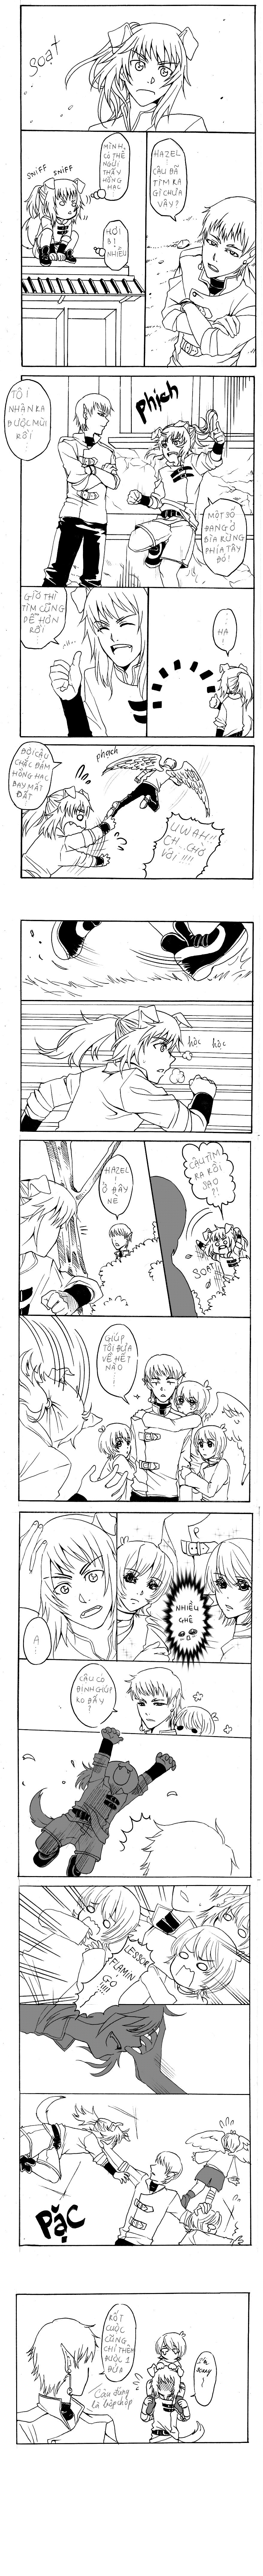 [Agony] - Finding Lesser Flamingo by TanoshiiBaka96